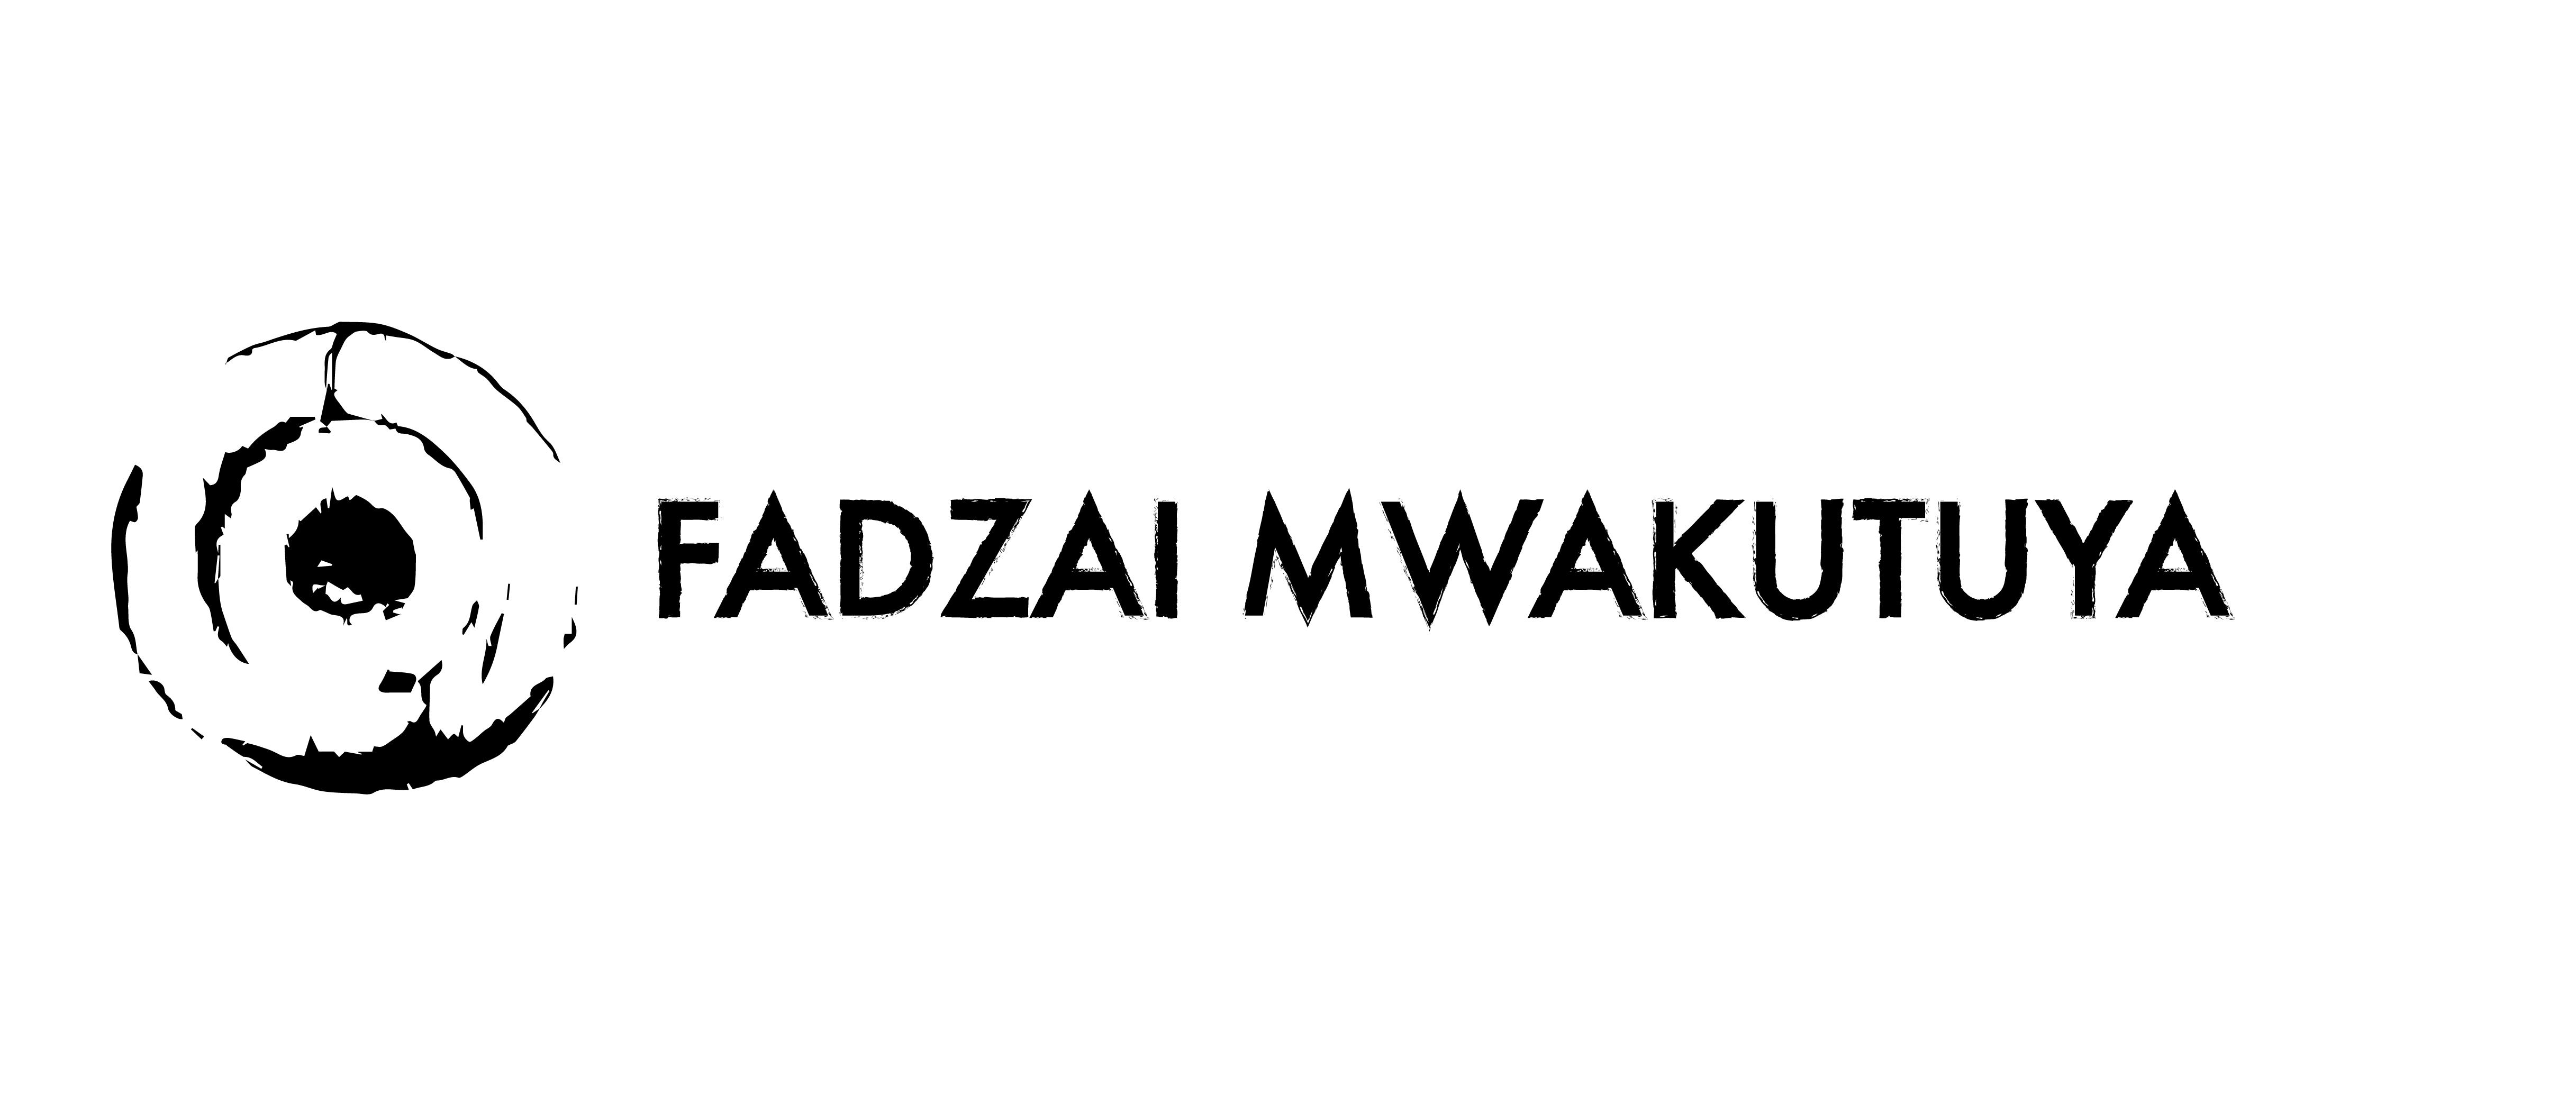 Fadzai Mwakutuya